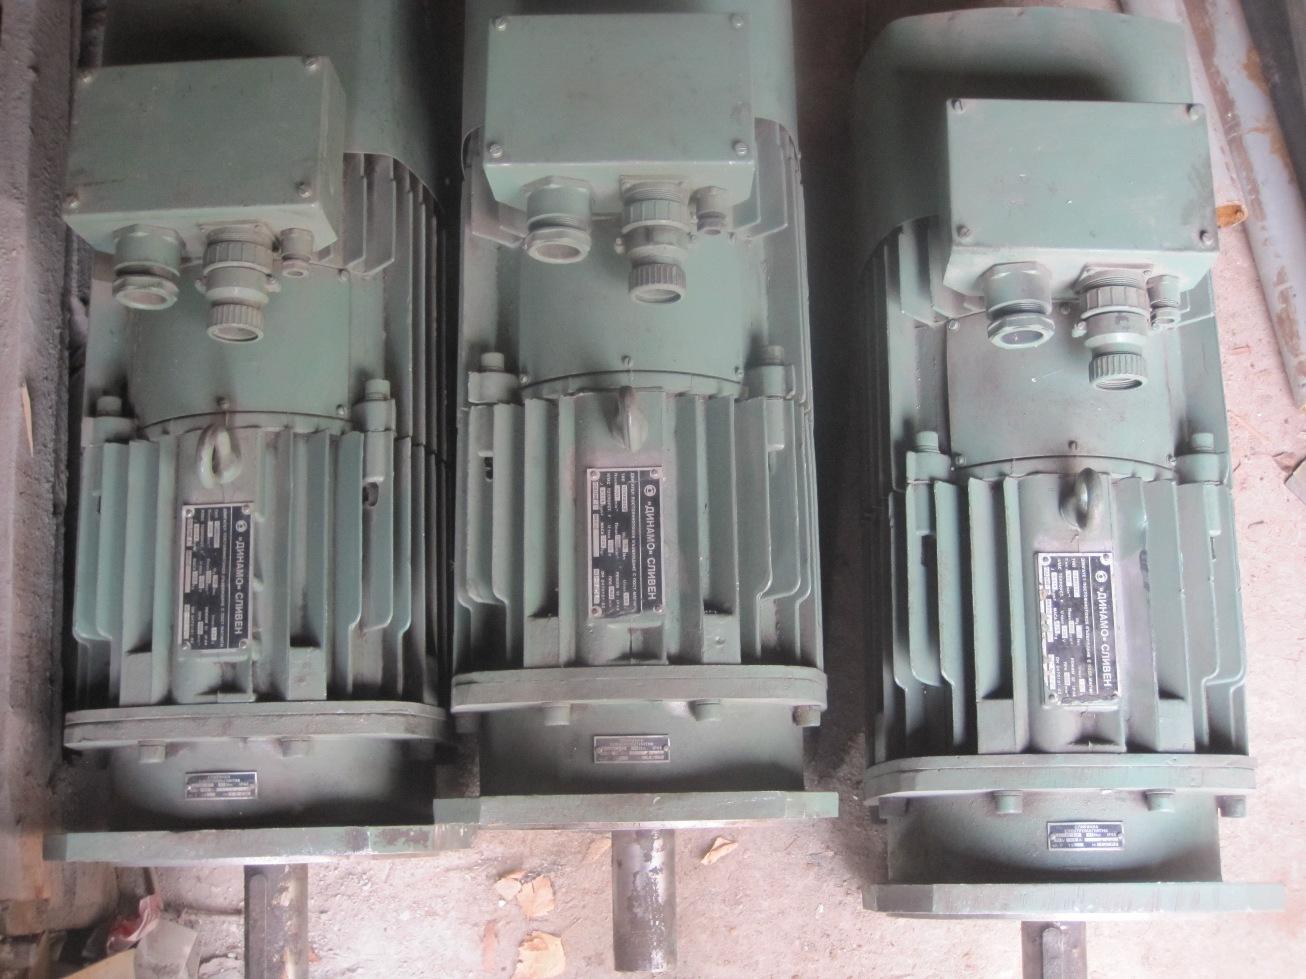 двигатель 2пб90мухл4 схема включения